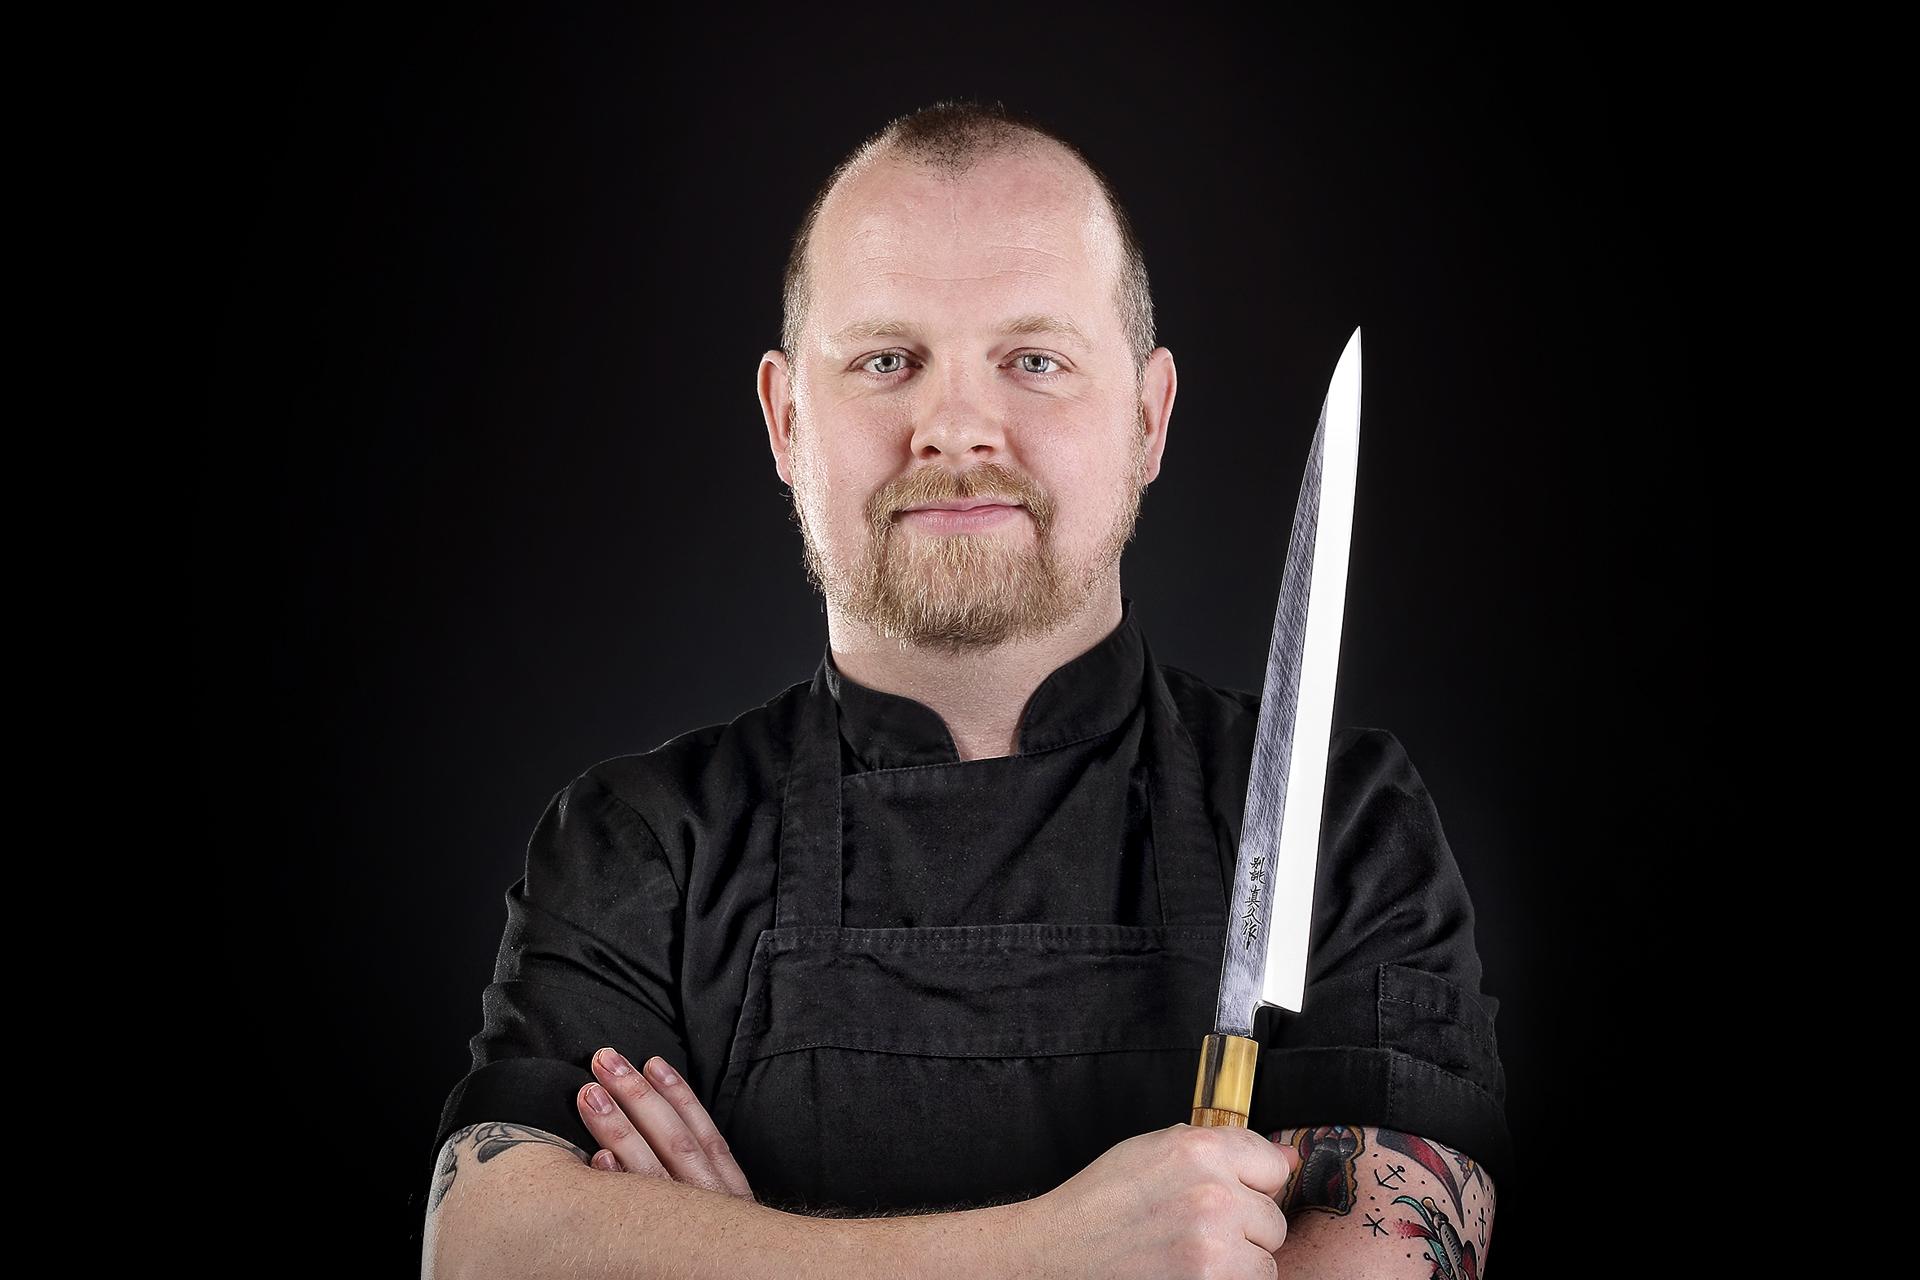 Fotograf Kolding. Her der det en kok der er fotograferet til hjemmesiden og brochure, samt billede til messer, af fotograf Bo Nielsen i Kolding